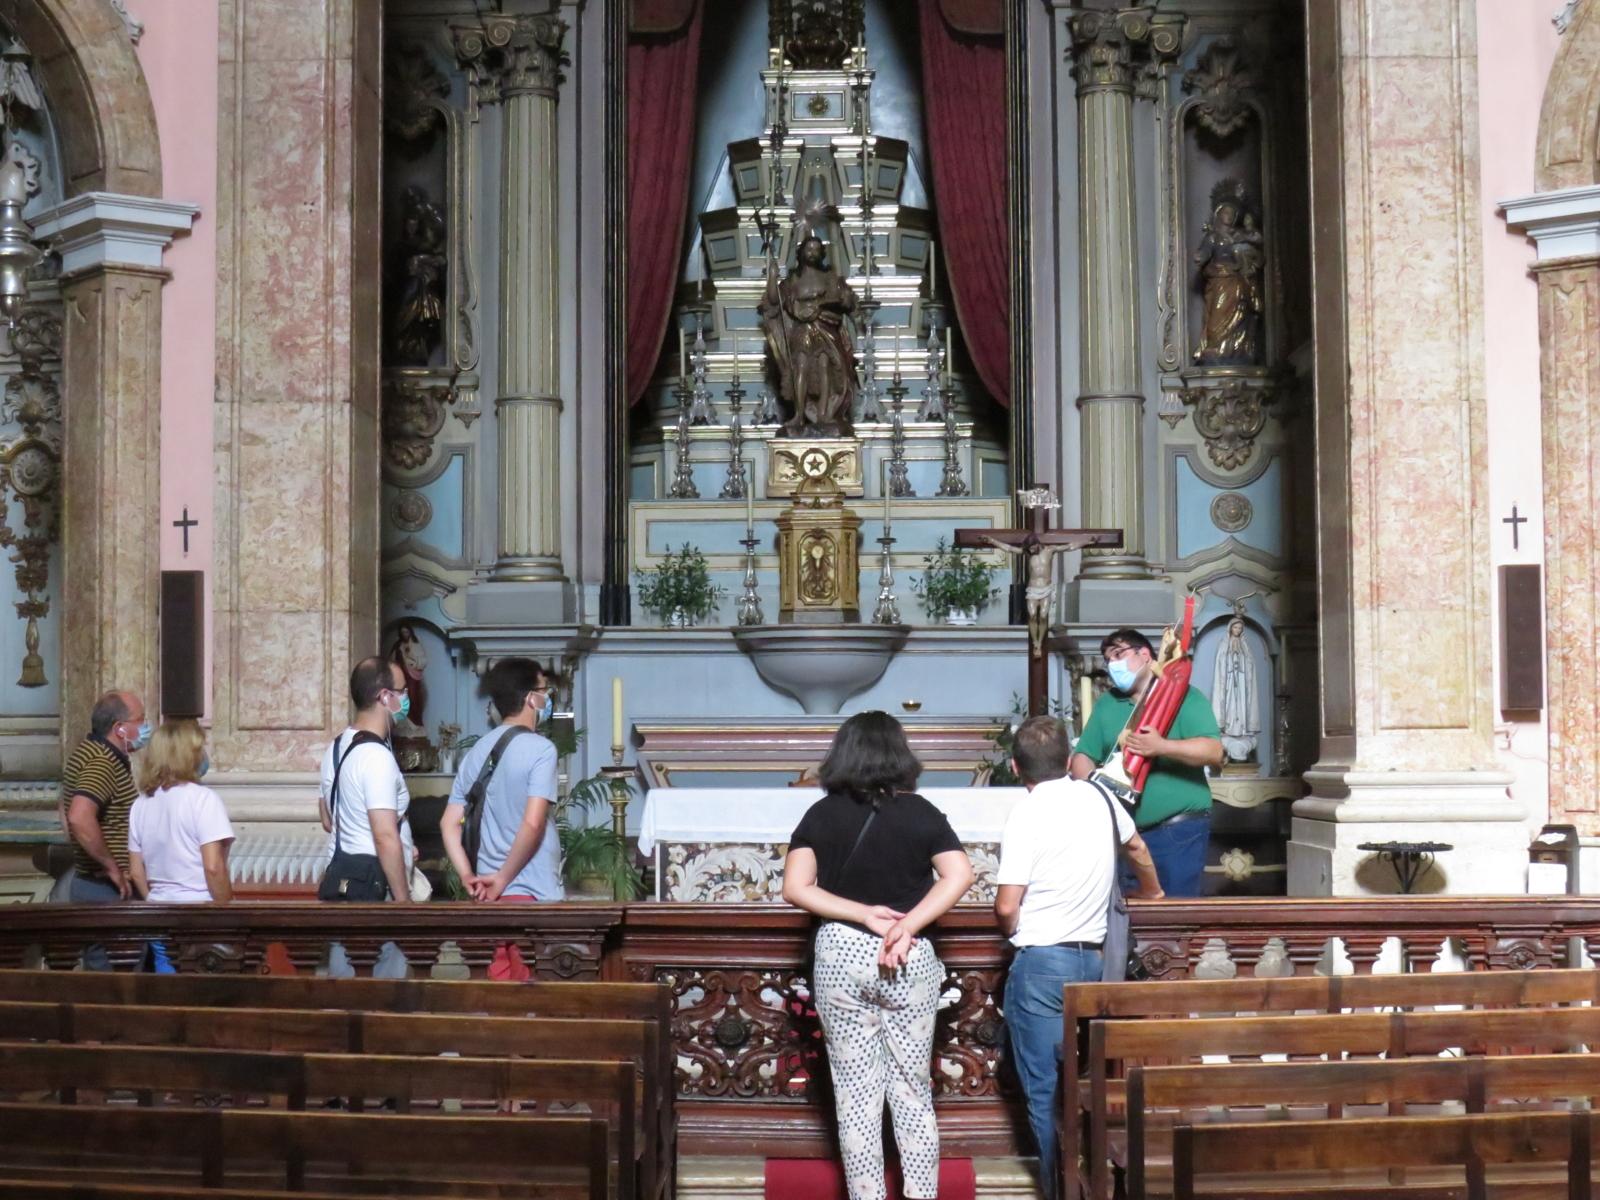 Pessoas a observar um altar de uma igreja